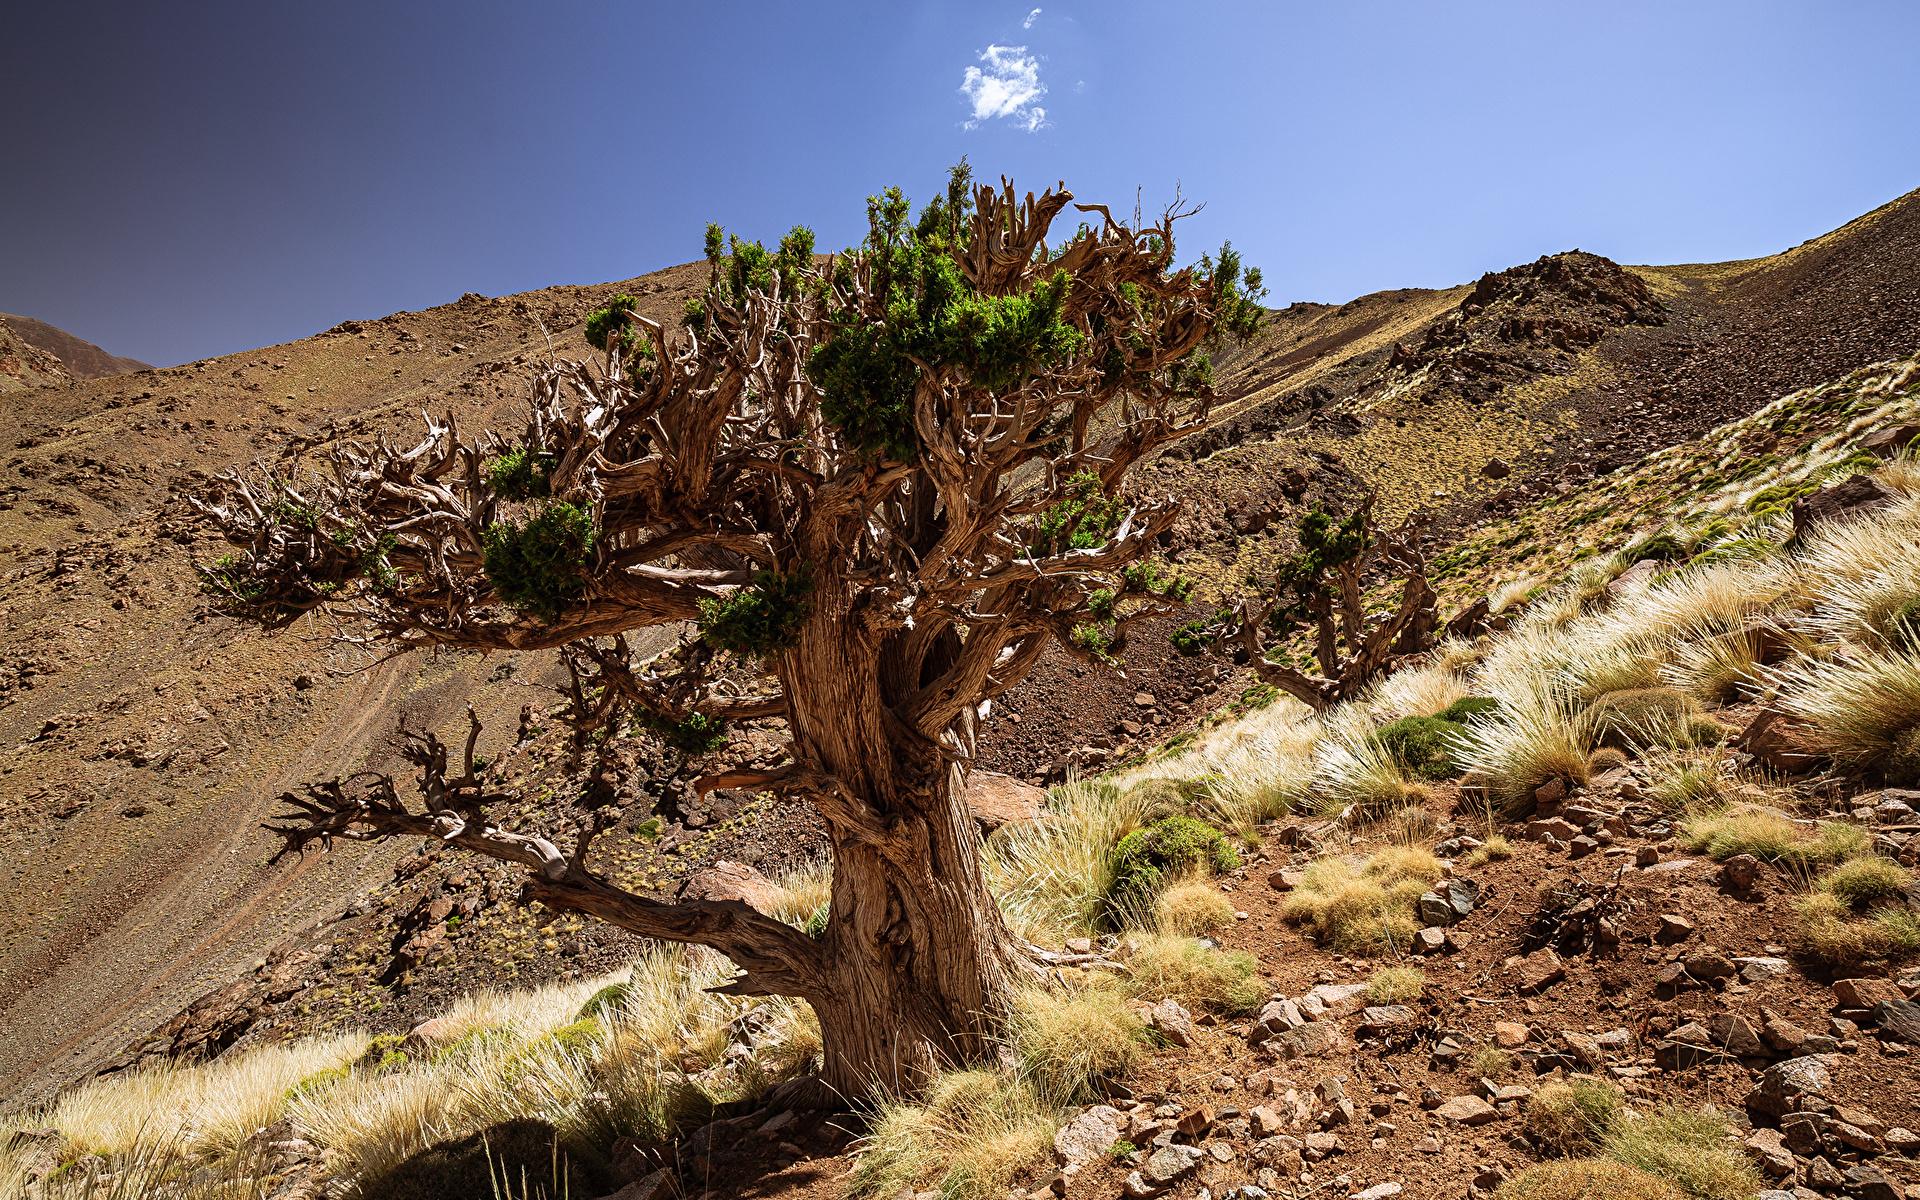 Обои для рабочего стола Африка Марокко Juniper Tree Природа Камни Деревья 1920x1200 Камень дерево дерева деревьев